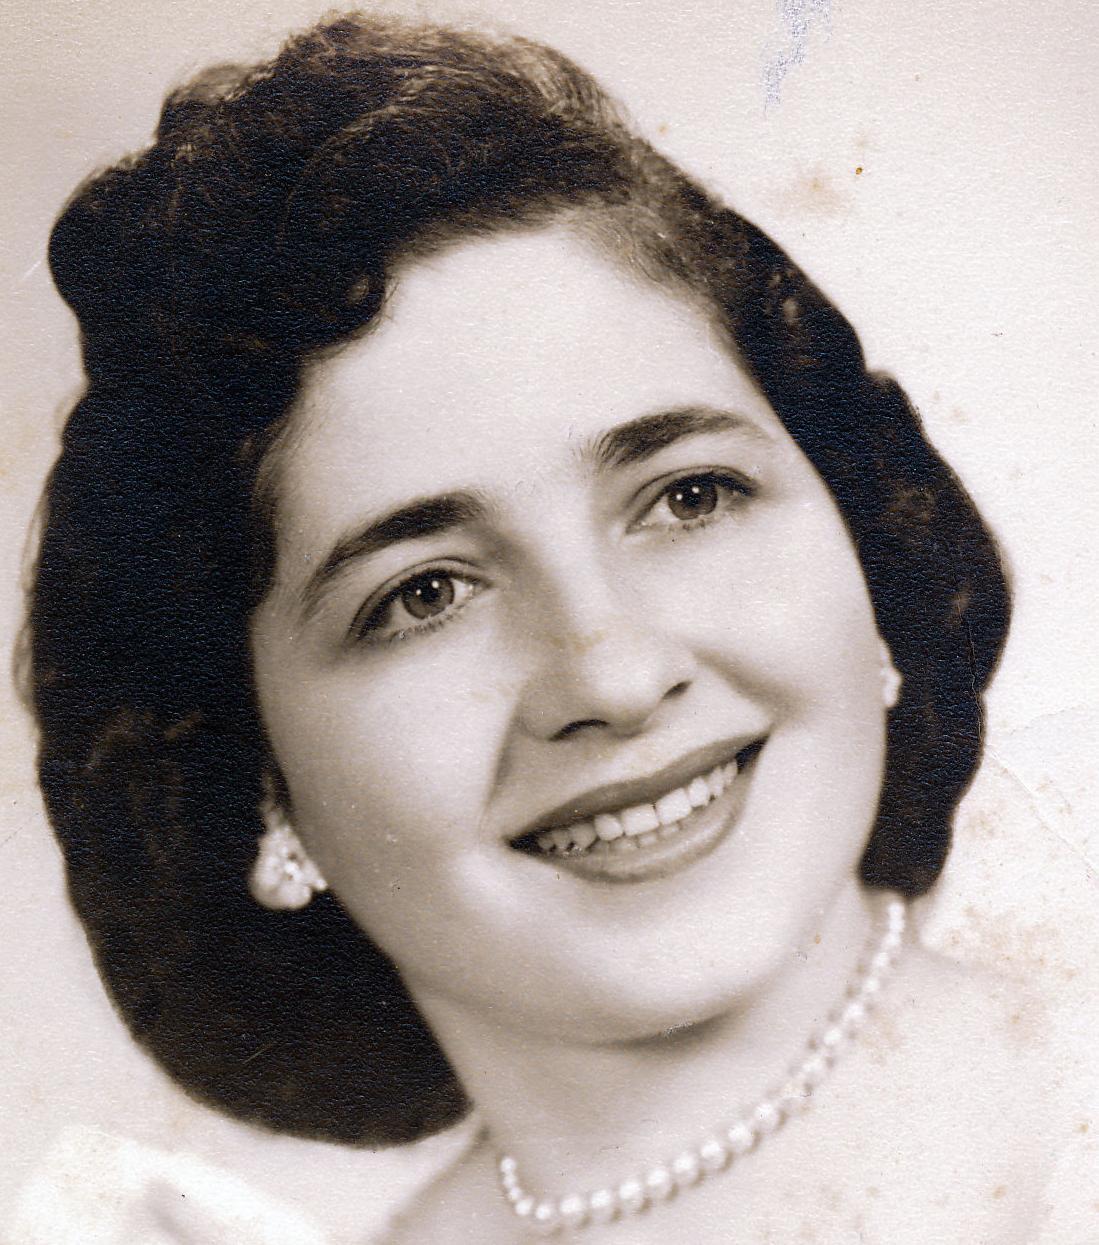 Maria Mazzara